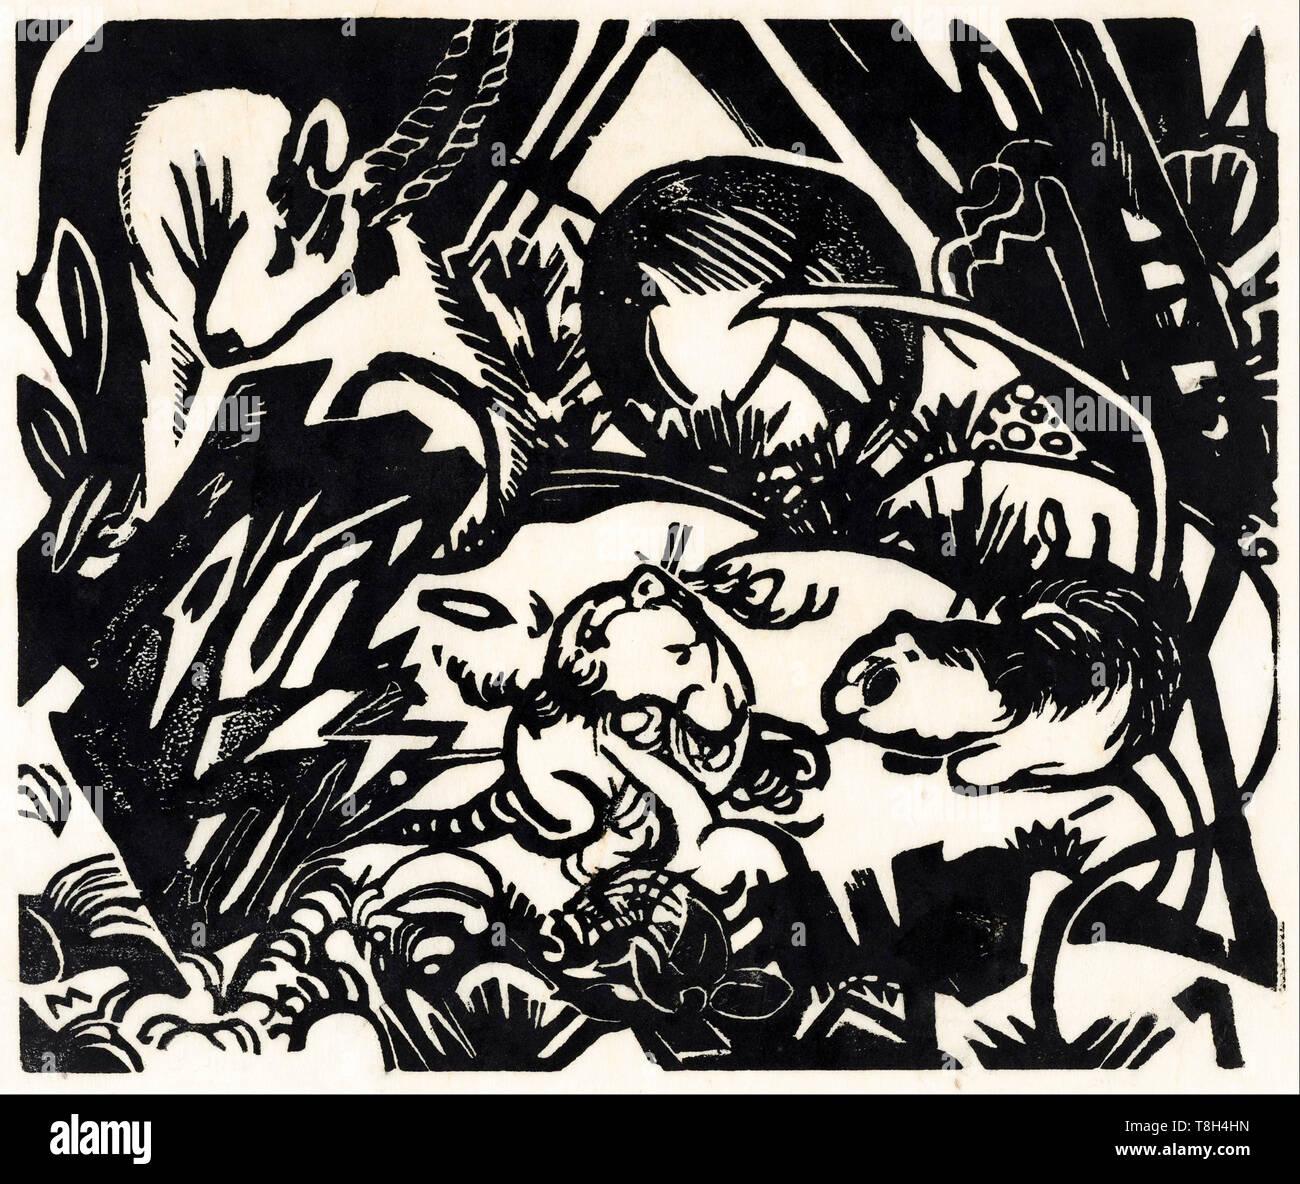 Franz Marc, Légende, animal print, 1912 Gravure sur bois Photo Stock